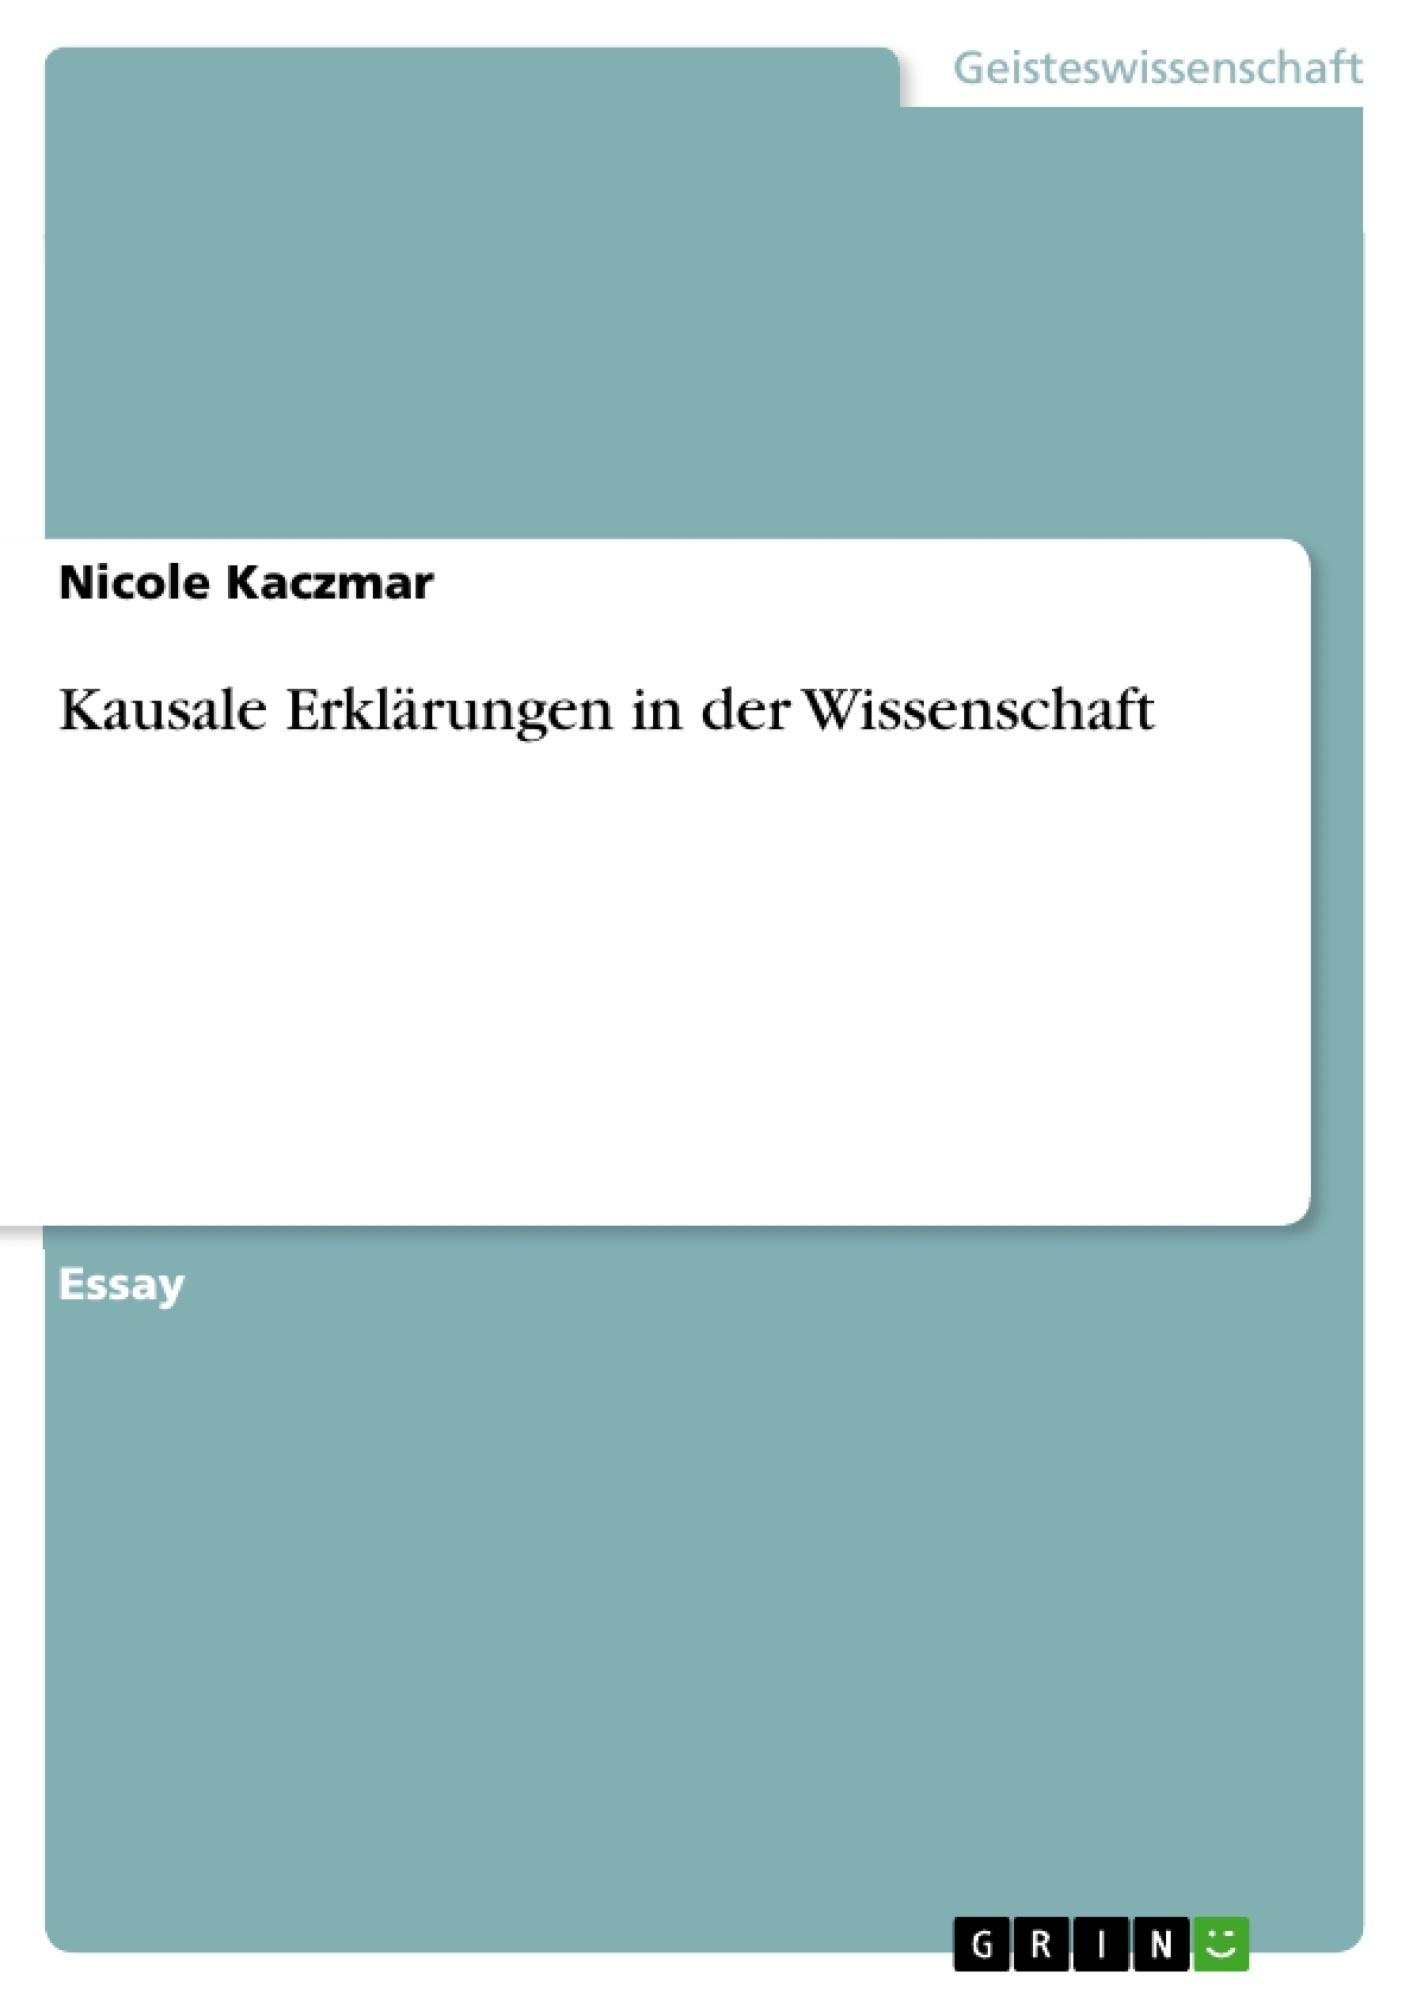 Titel: Kausale Erklärungen in der Wissenschaft